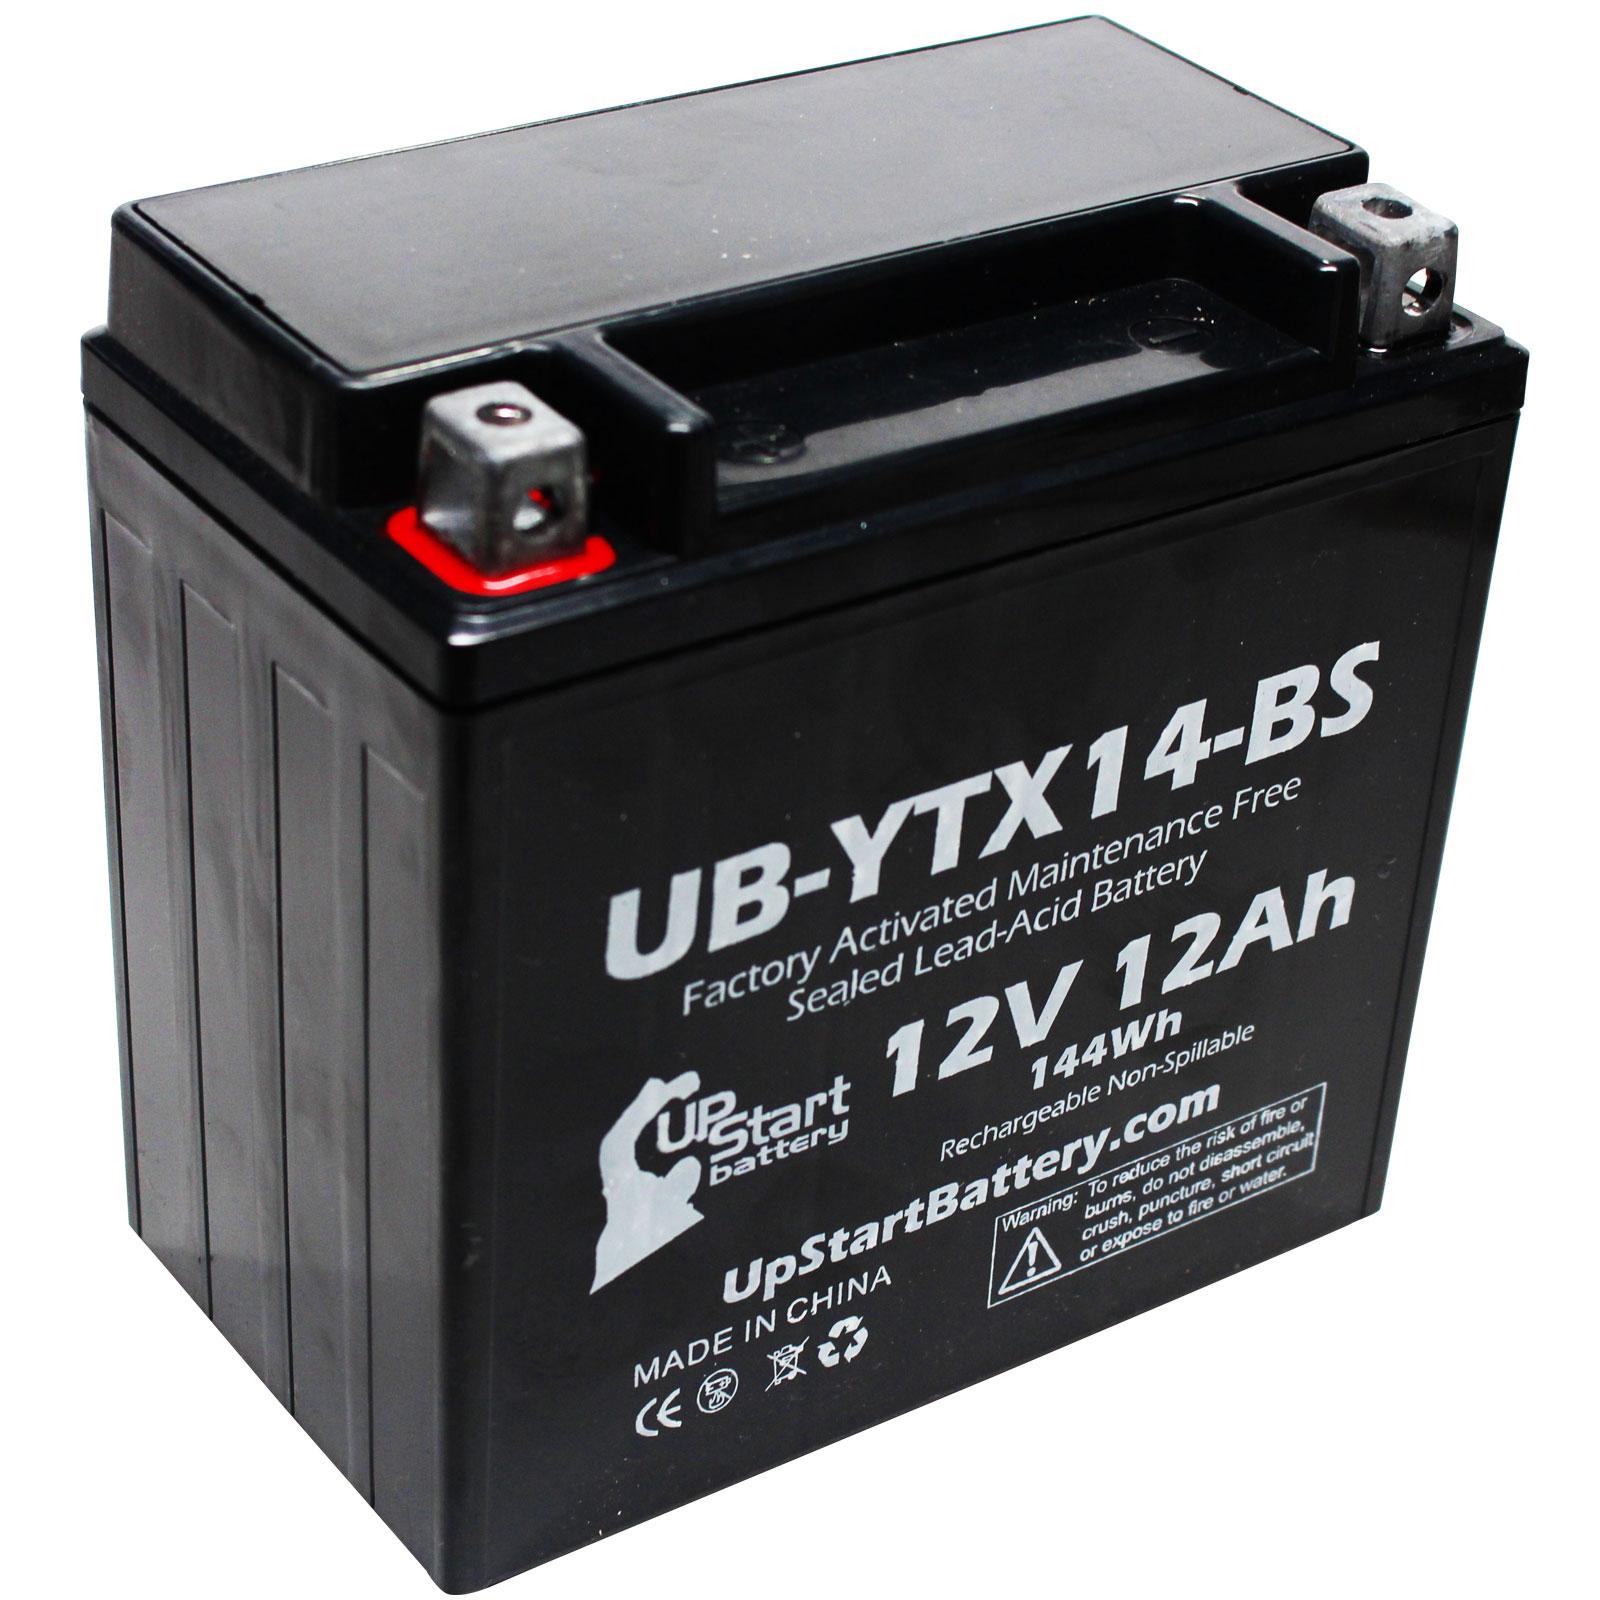 2007 lexus rx 350 key fob battery